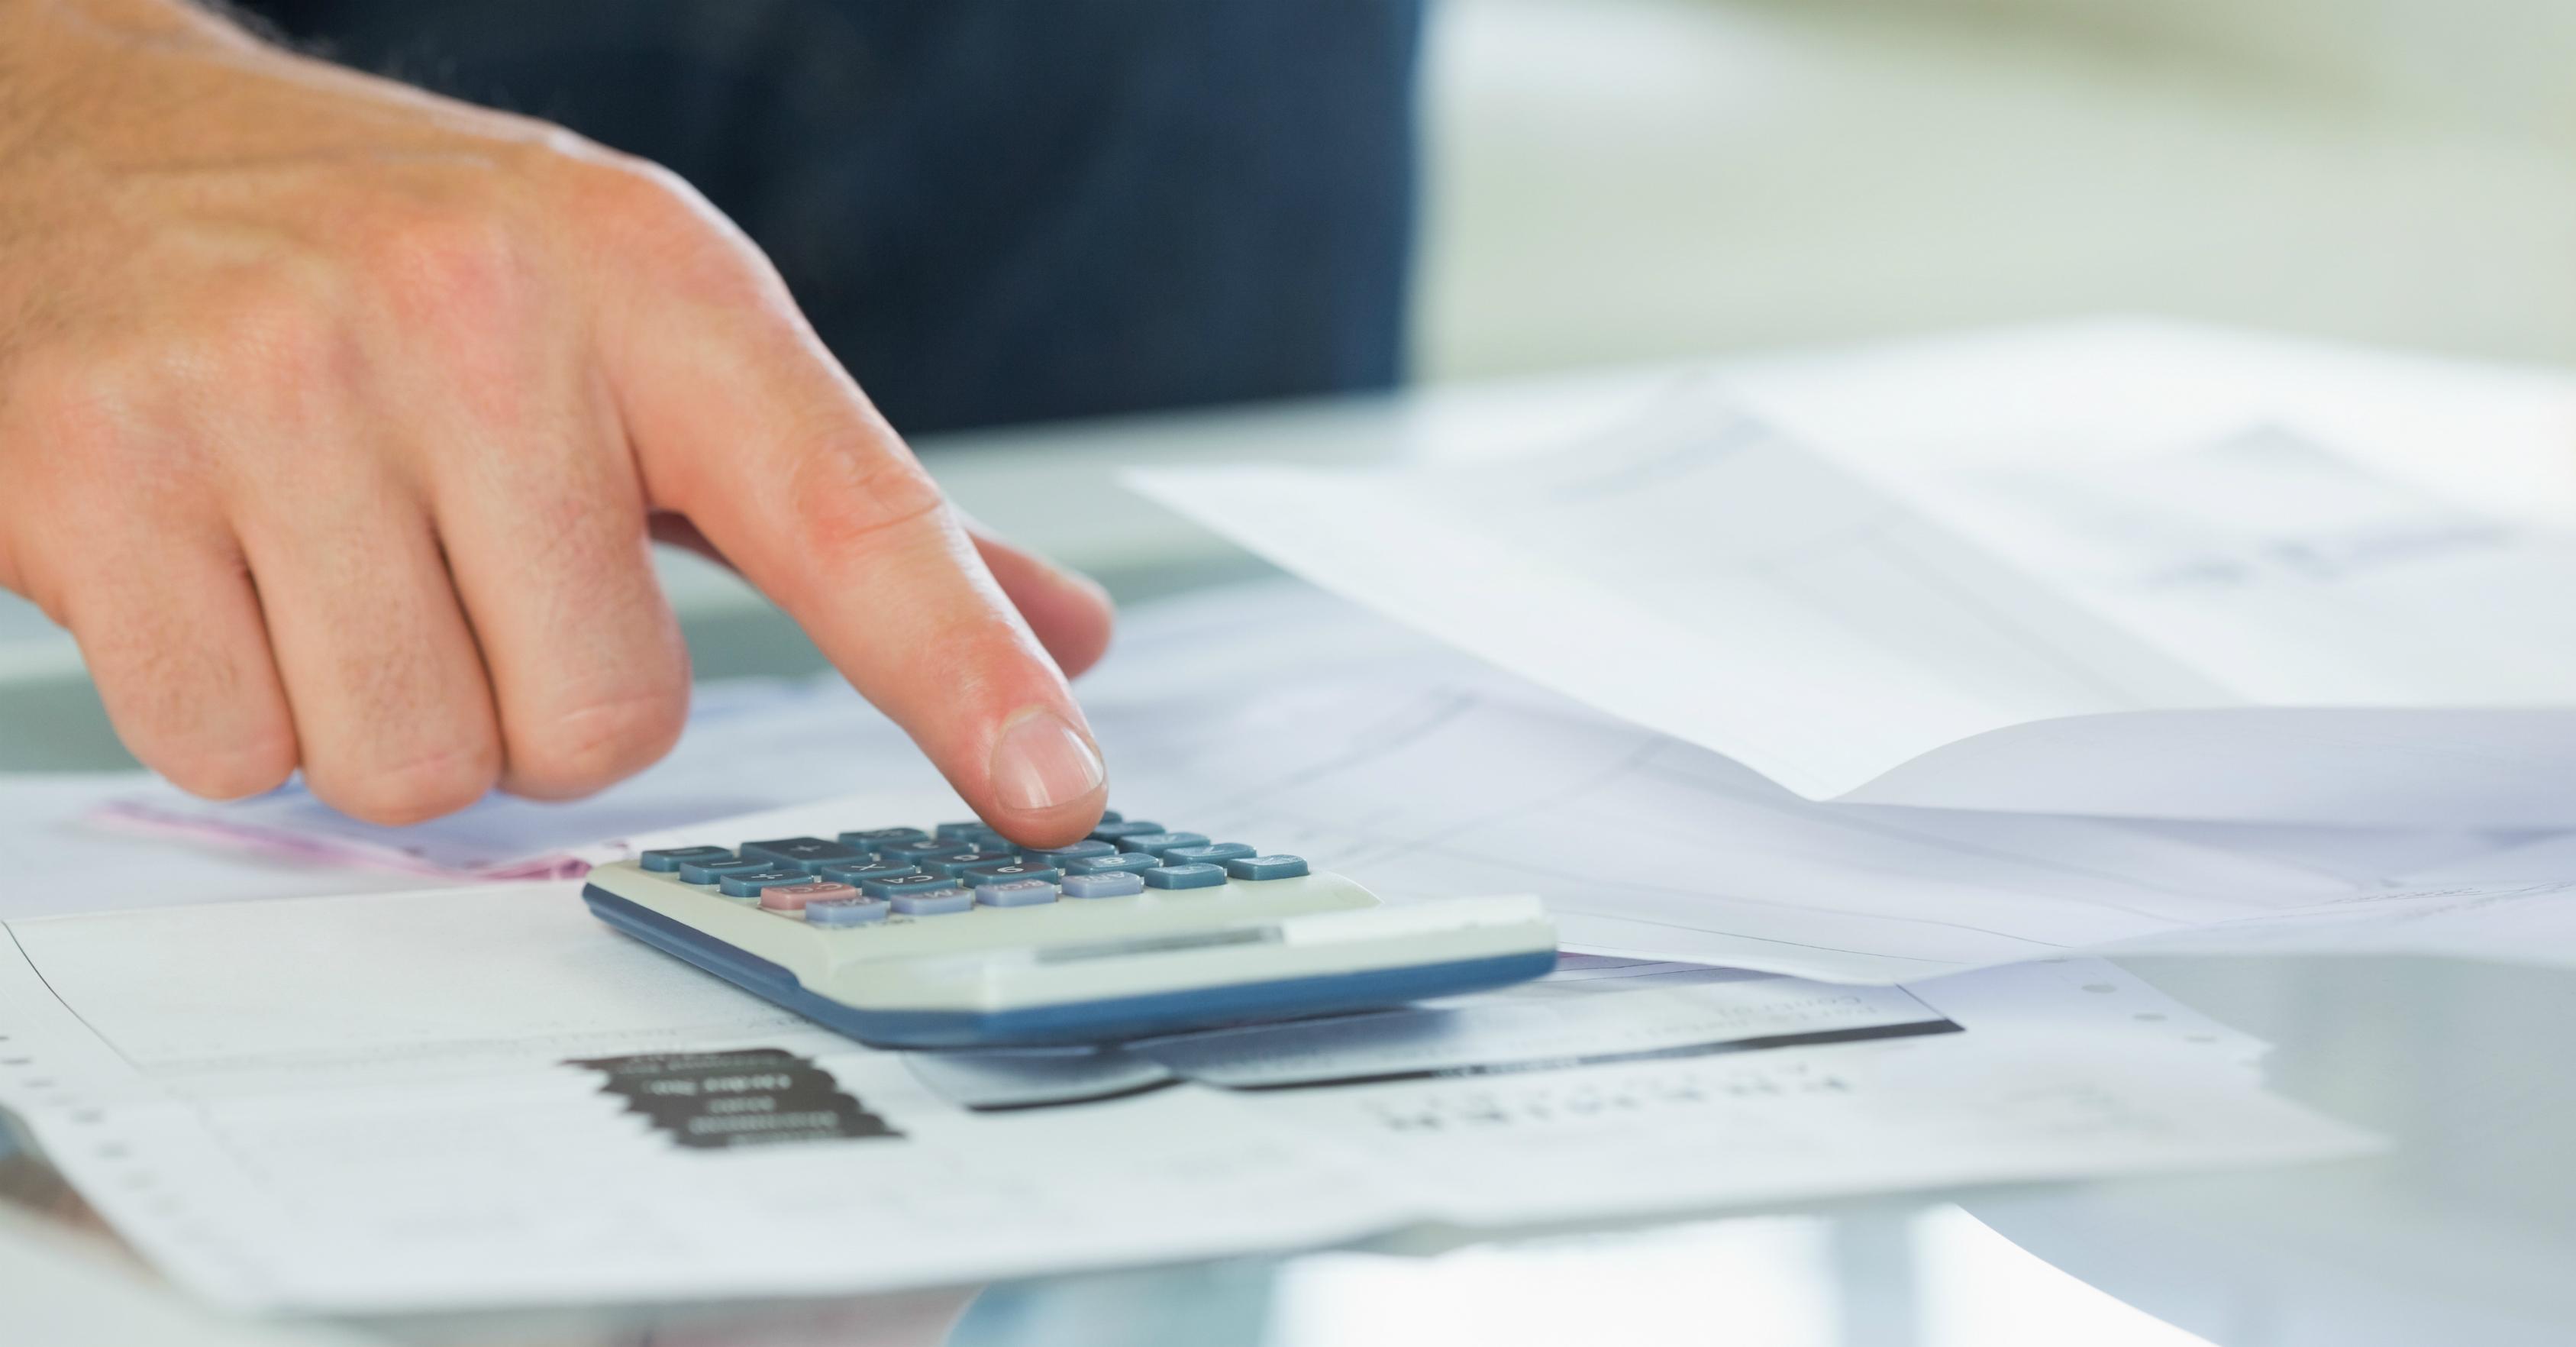 Faça as contas e evite problemas ao parcelar o cartão de crédito